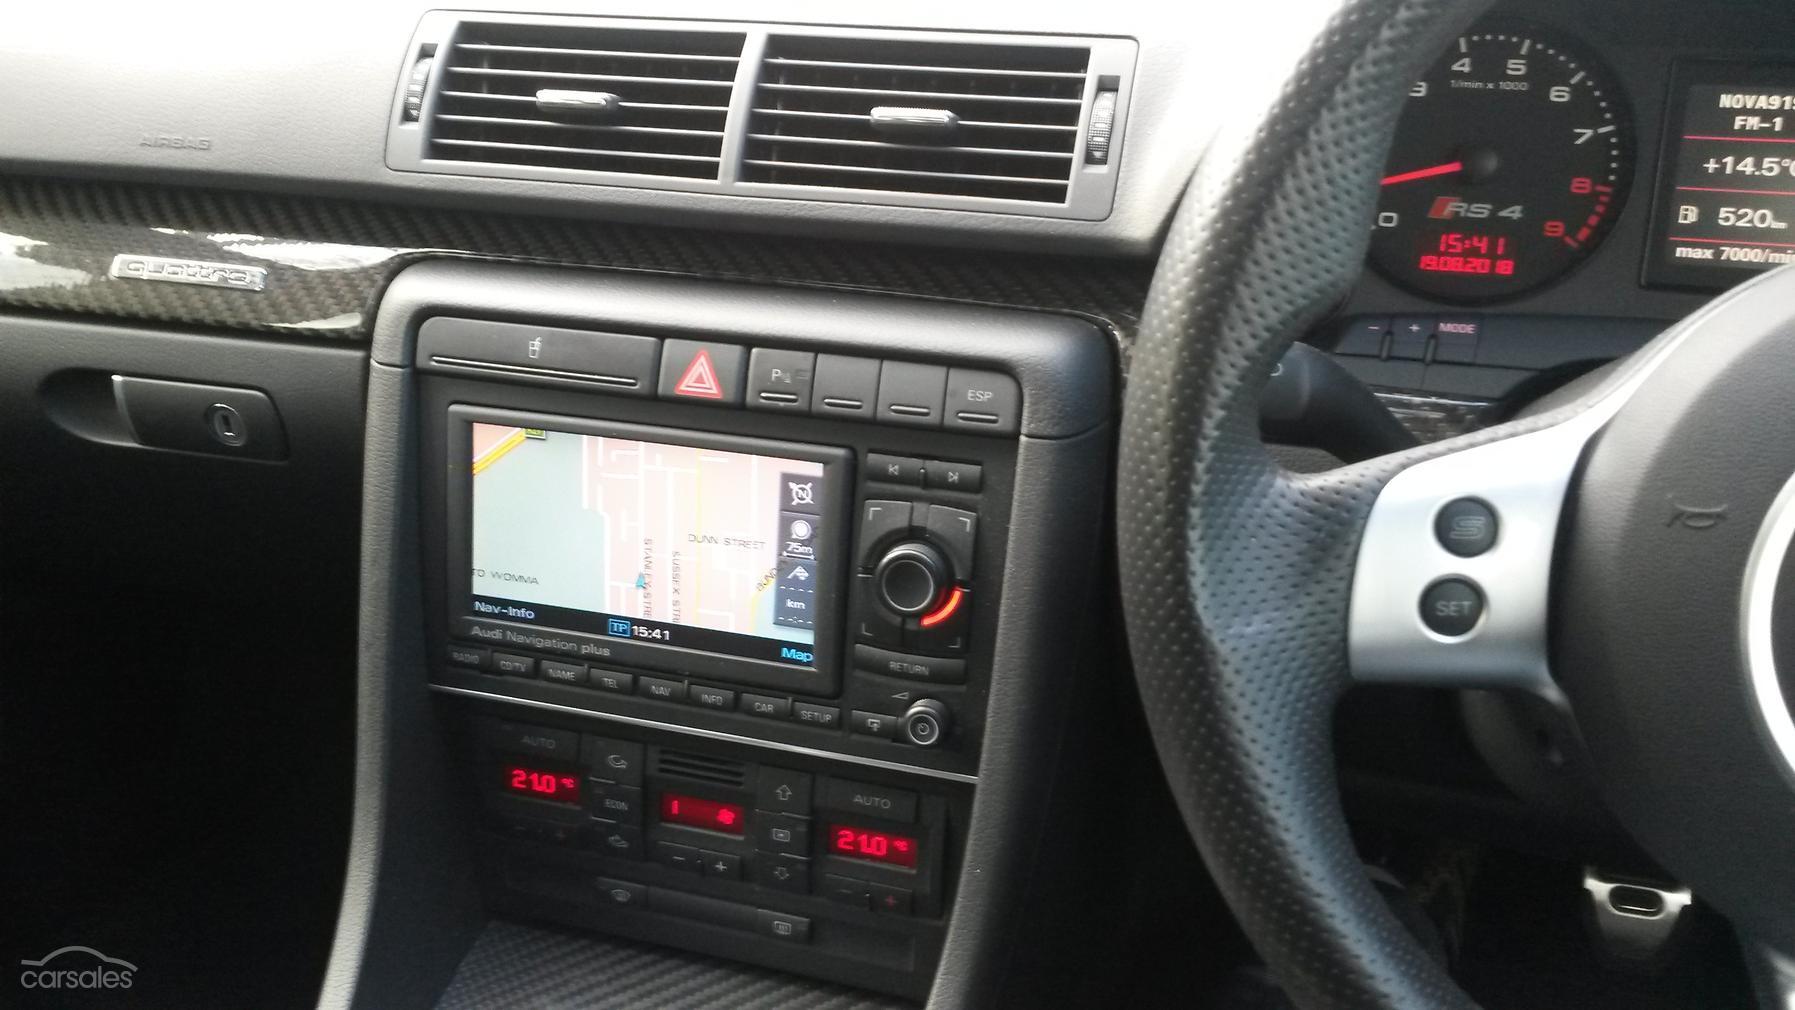 2006 Audi RS4 Manual quattro-SSE-AD-5691439 - carsales com au